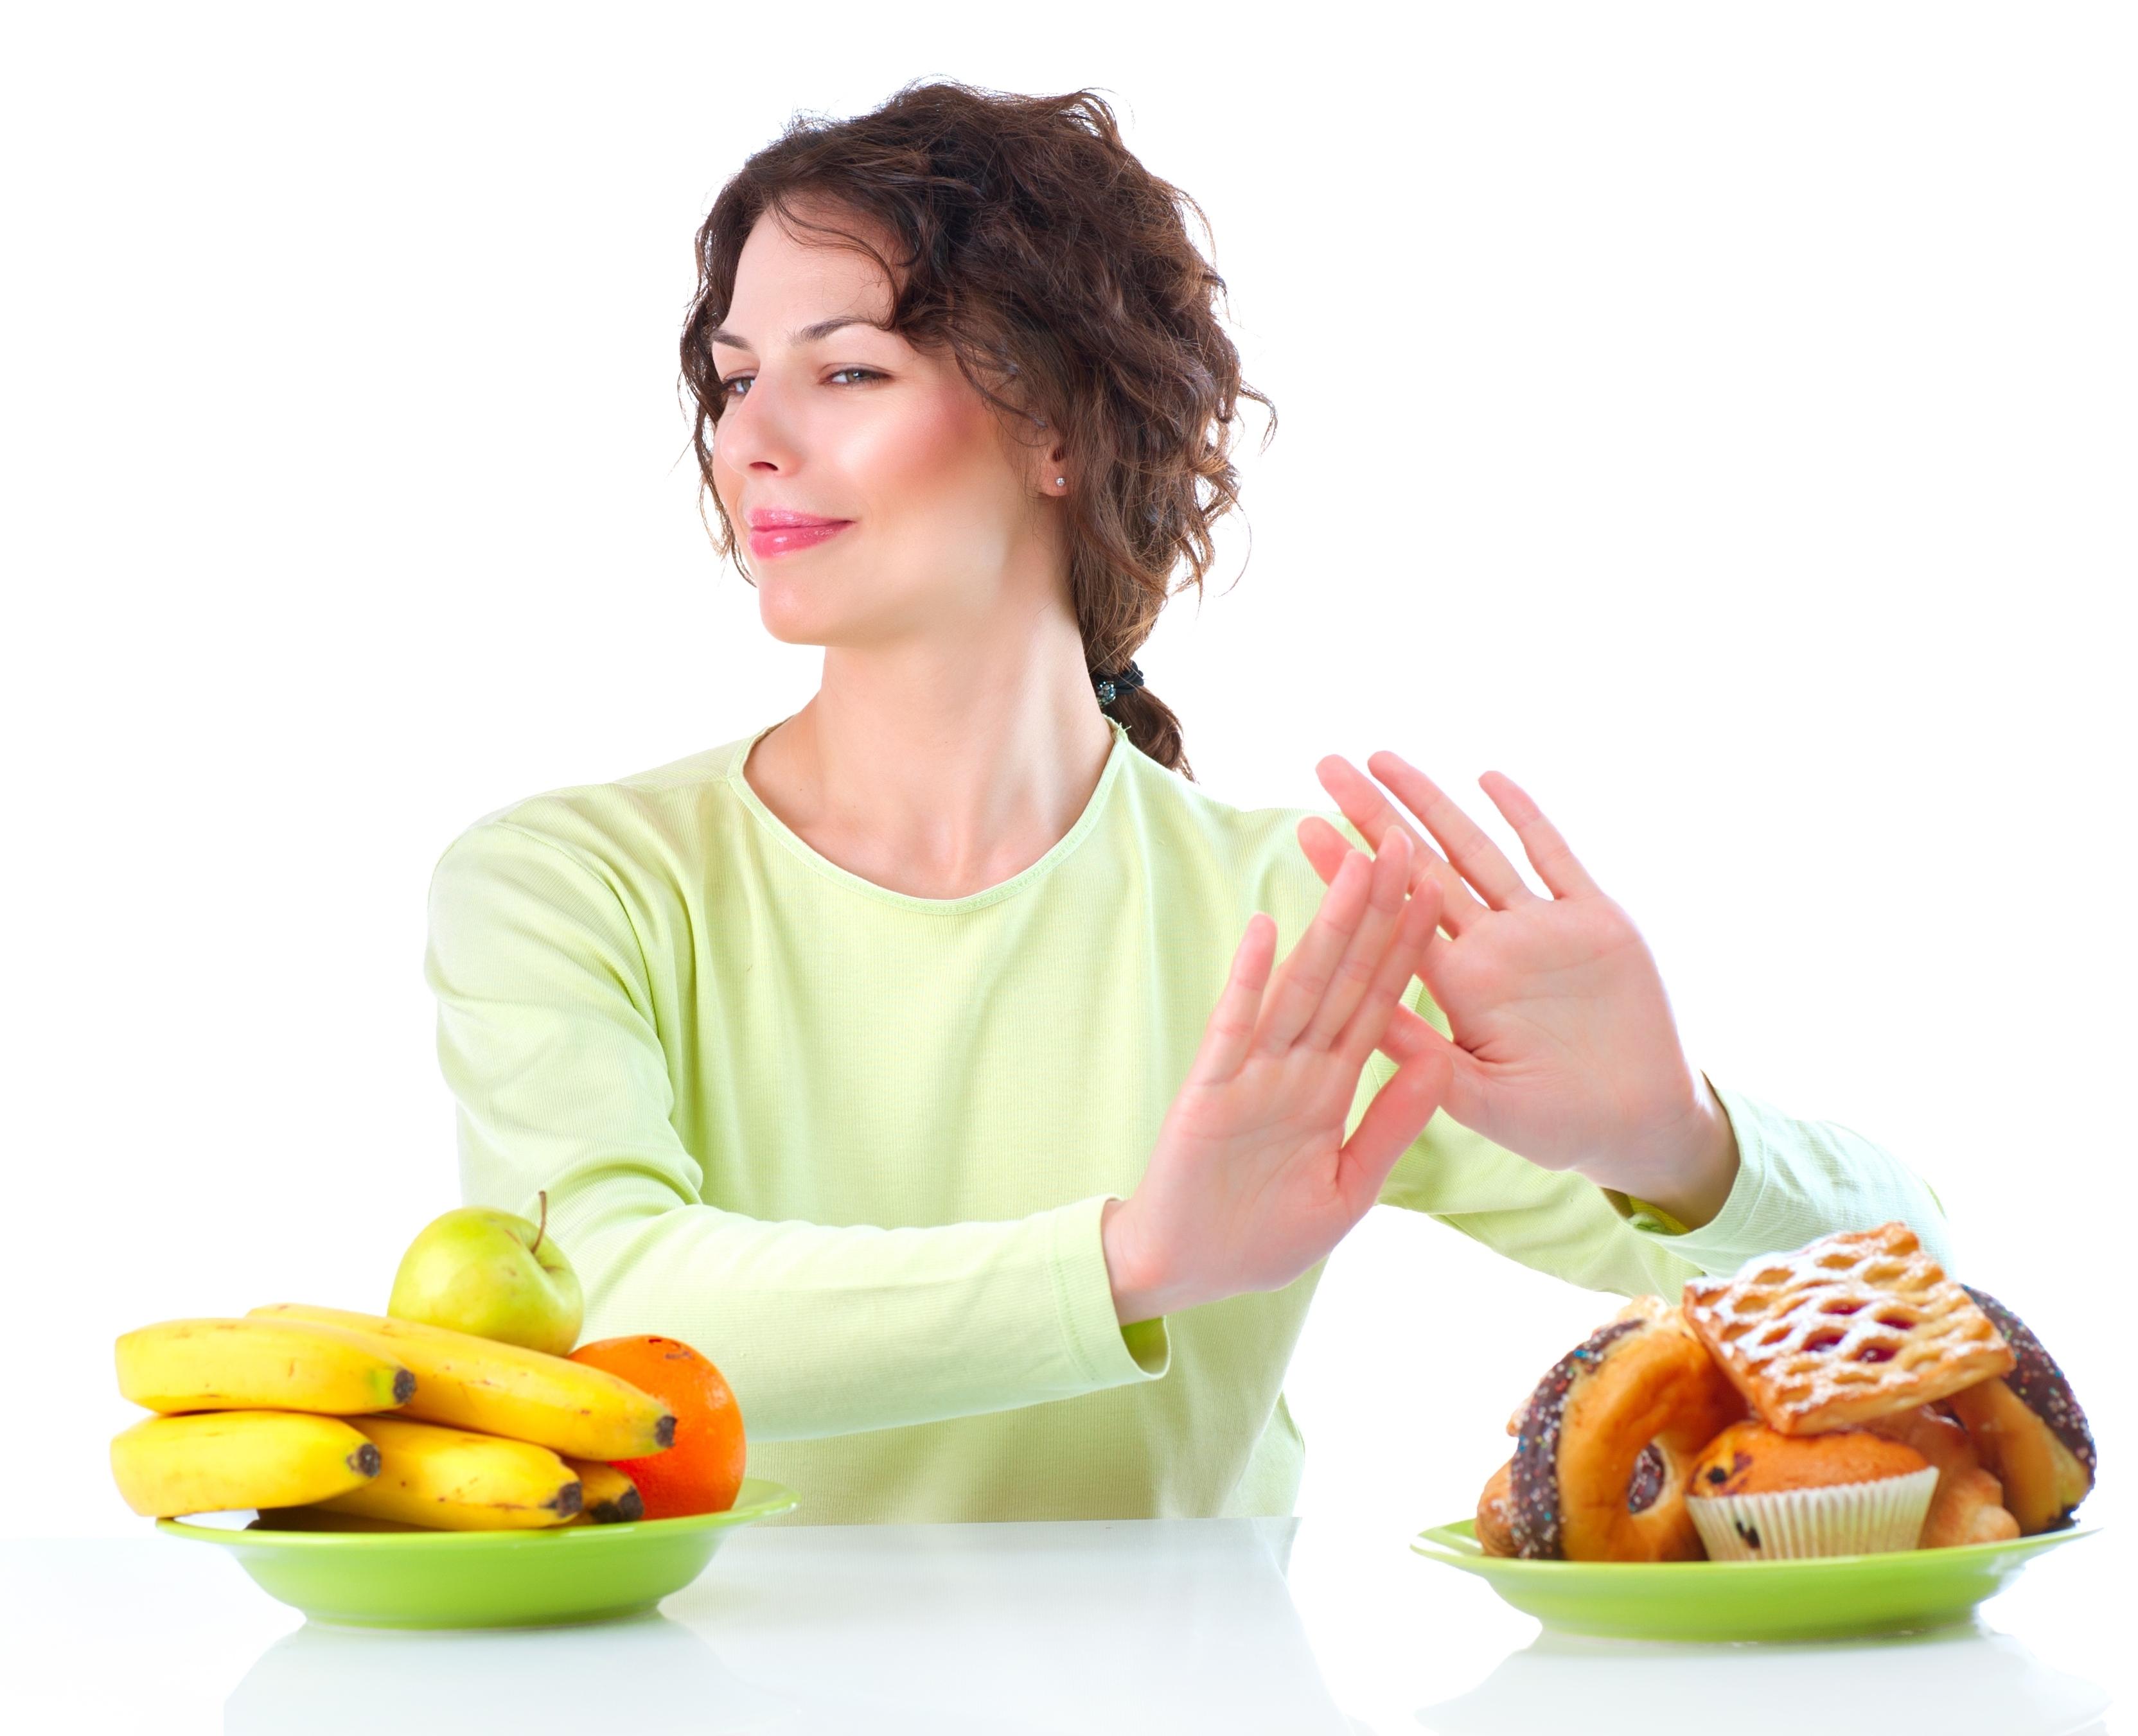 cómo obtener supresores del apetito